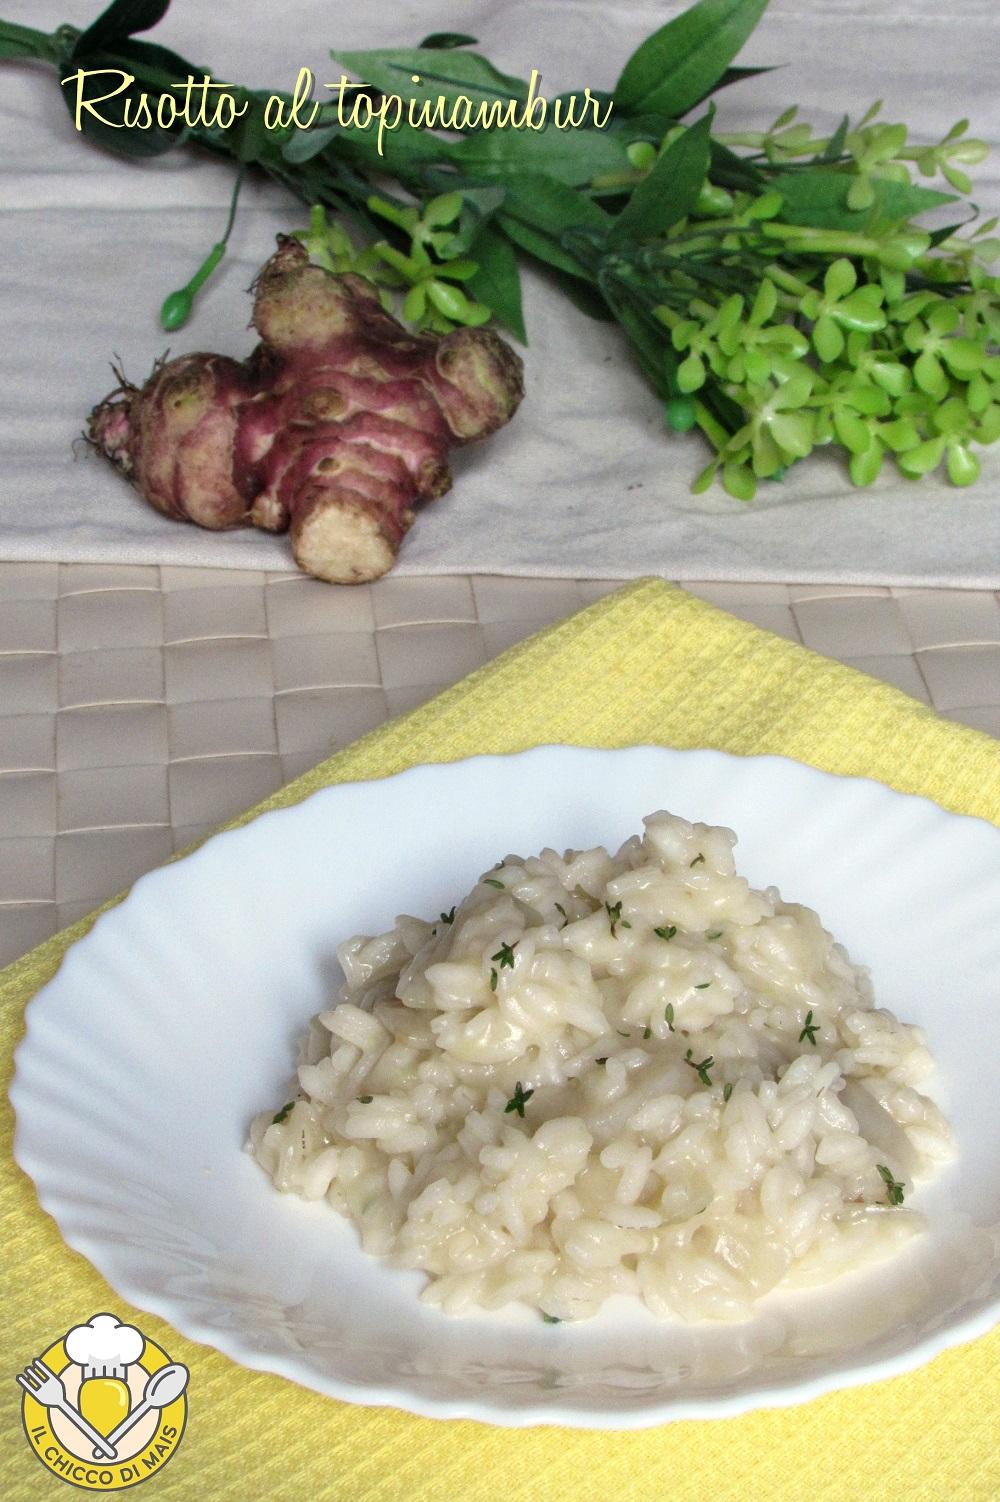 verticale_risotto al topinambur cremoso facile ricetta il chicco di mais